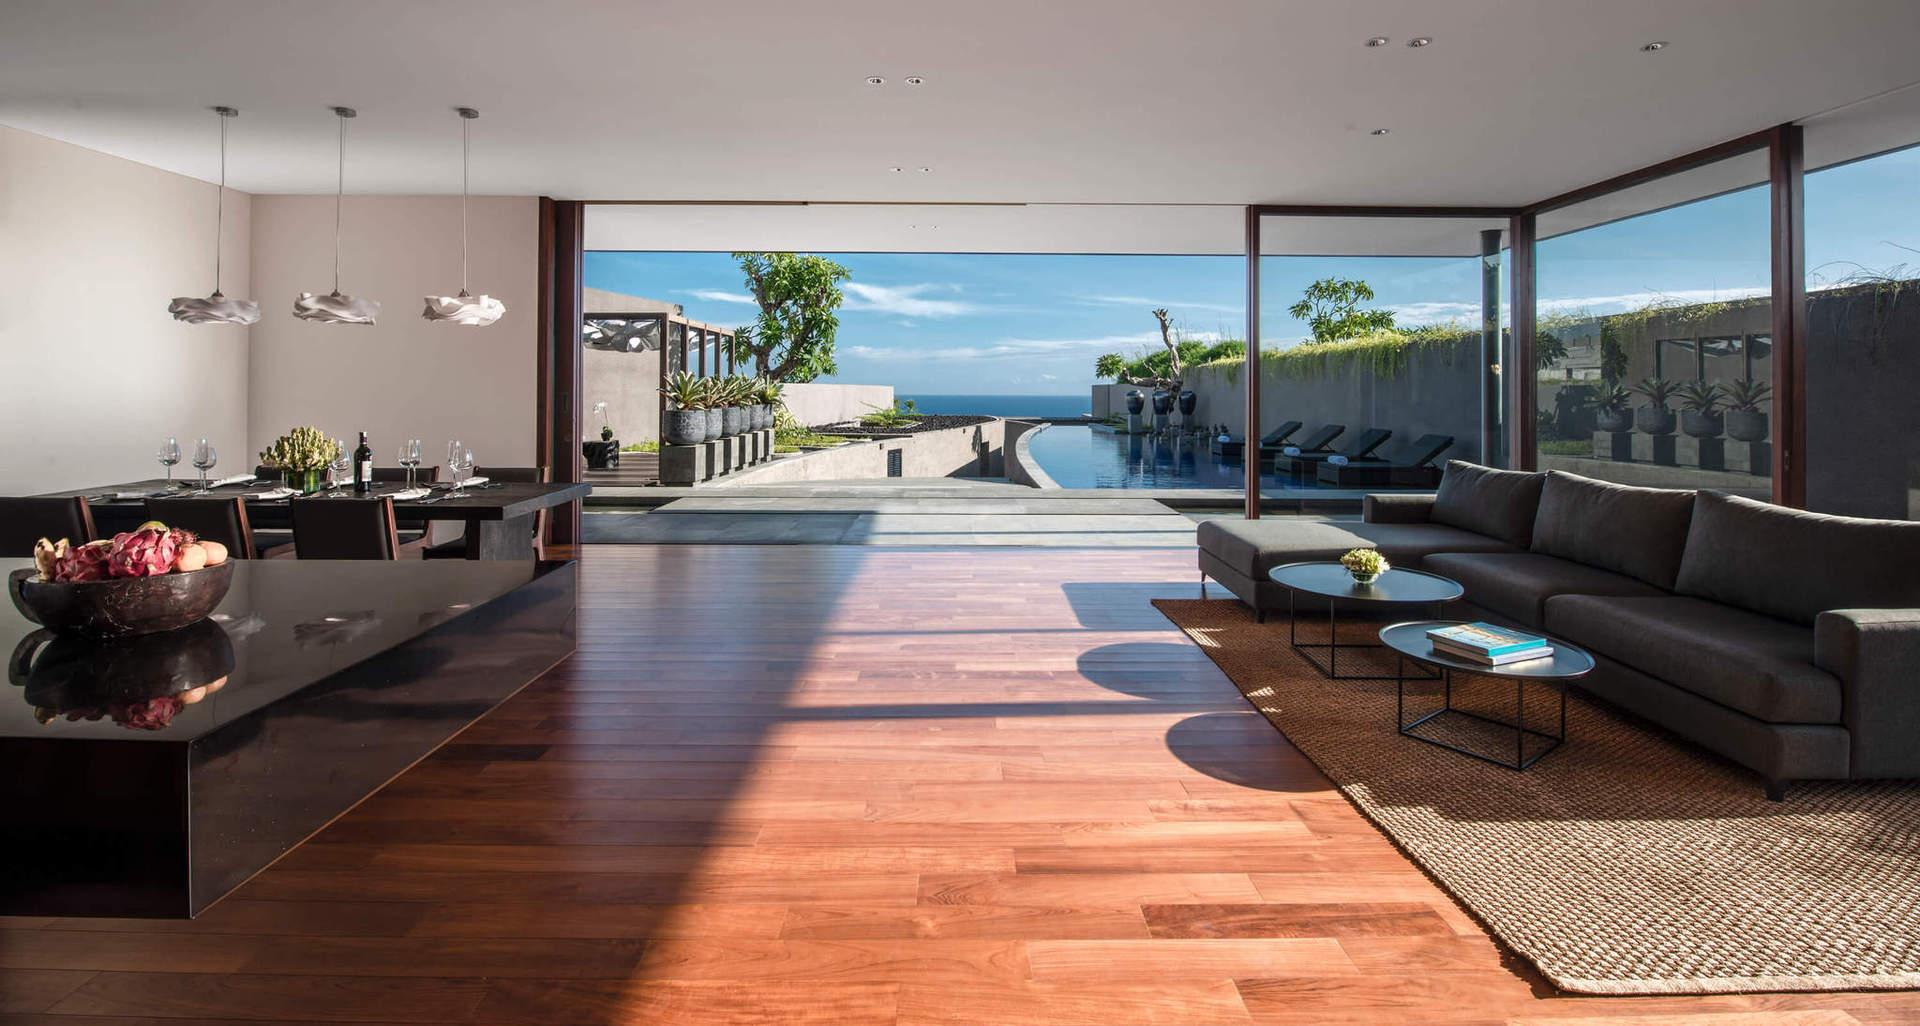 Готель дотримується стандартів EarthCheck, що означає інтеграцію дизайну в навколишнє середовище без шкоди для останнього.